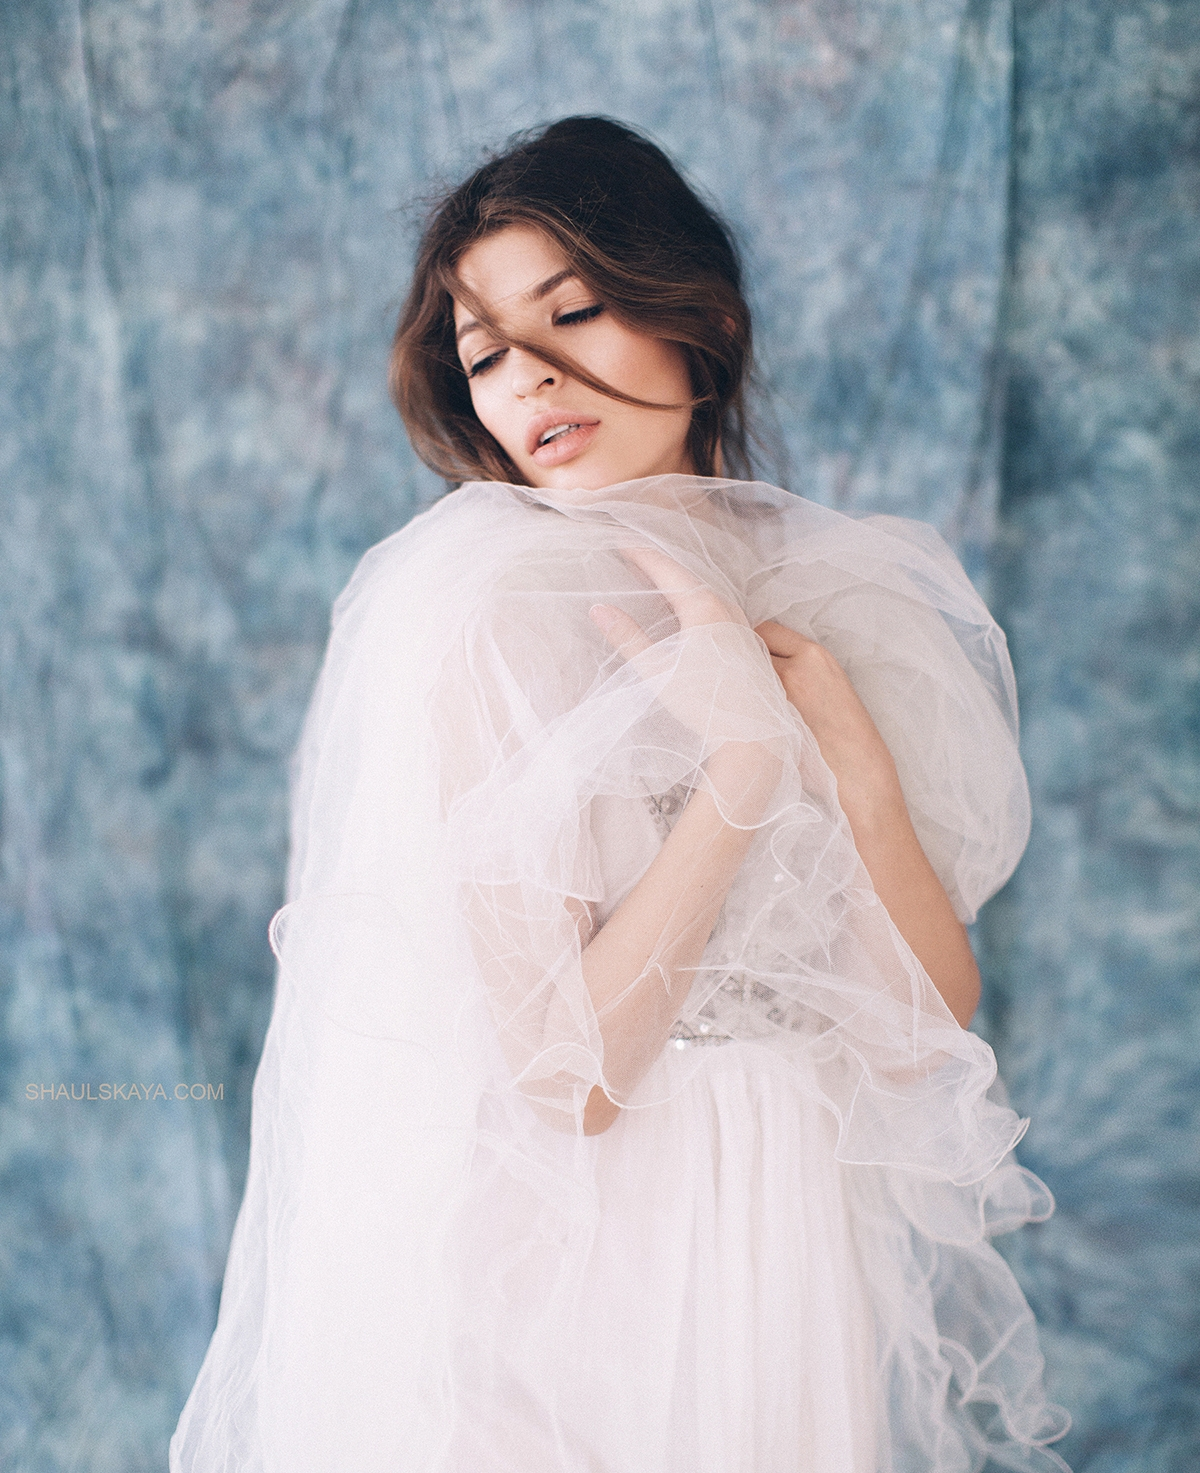 фотосессия невесты сборы невесты фото